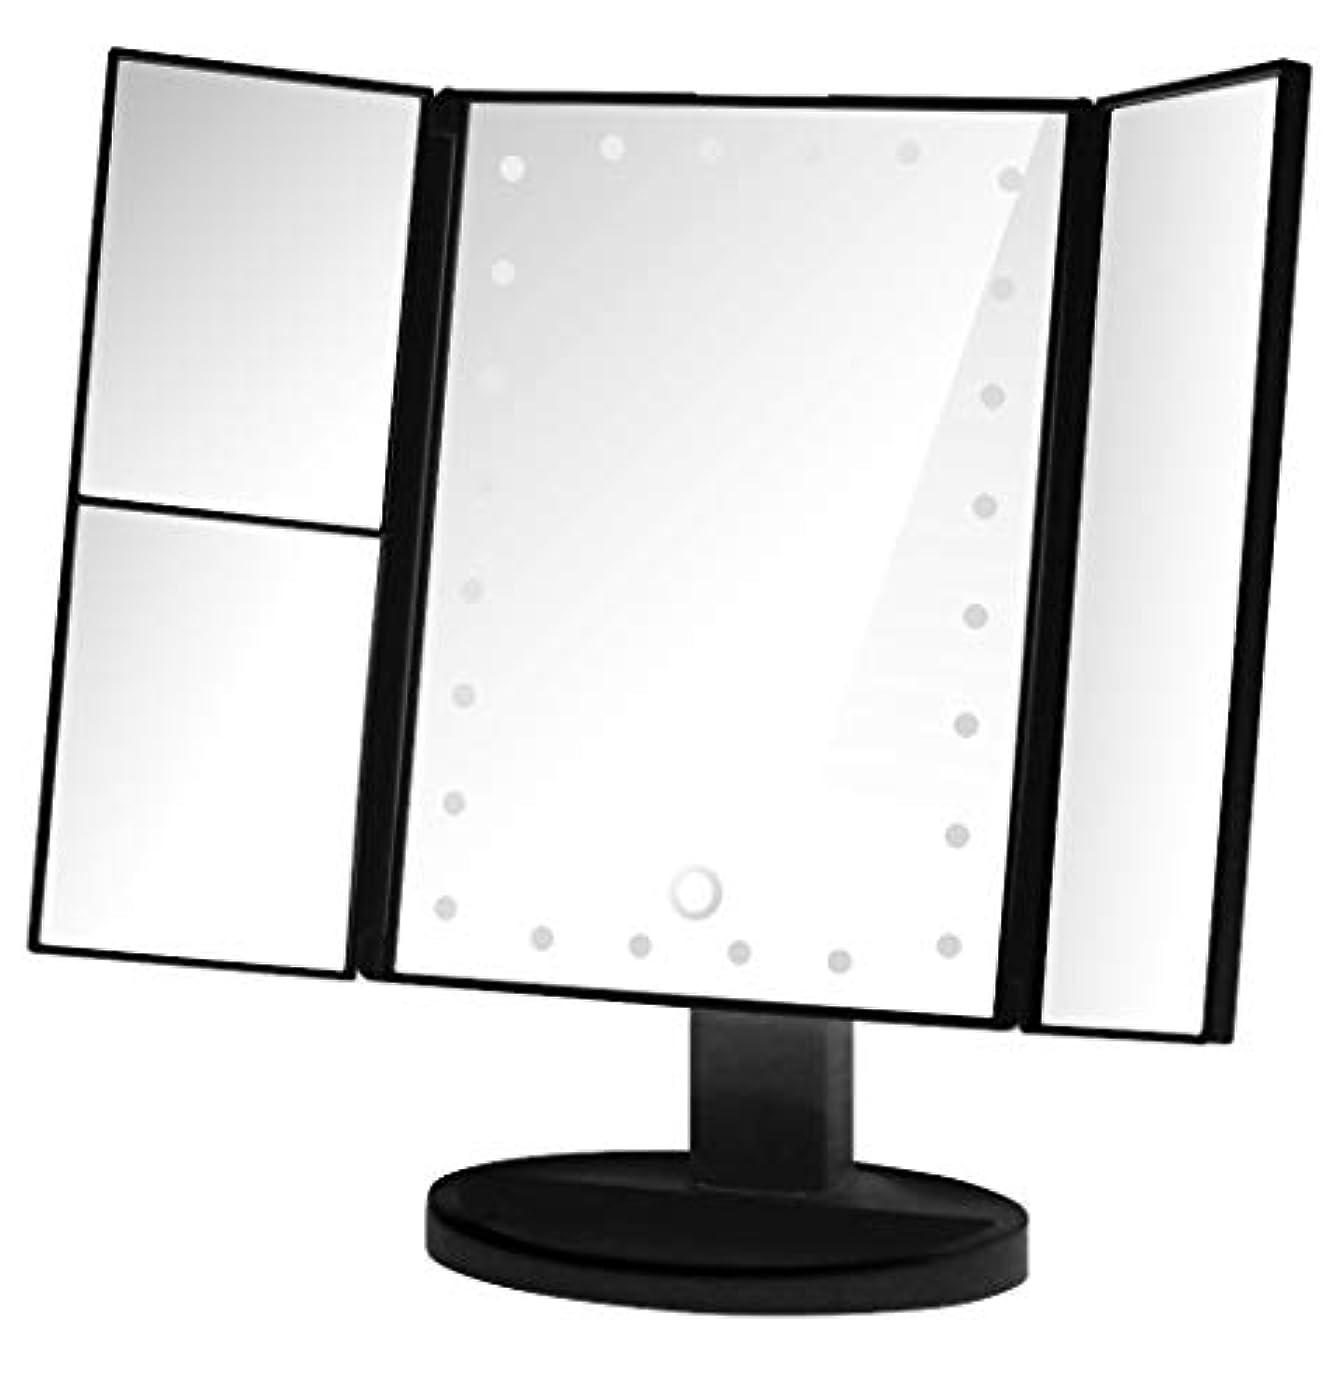 コンテスト会話型状況化粧鏡 LED 三面鏡 卓上鏡 鏡 拡大鏡付き ライト付きでメイクアップしやすい卓上ミラー (ブラック)